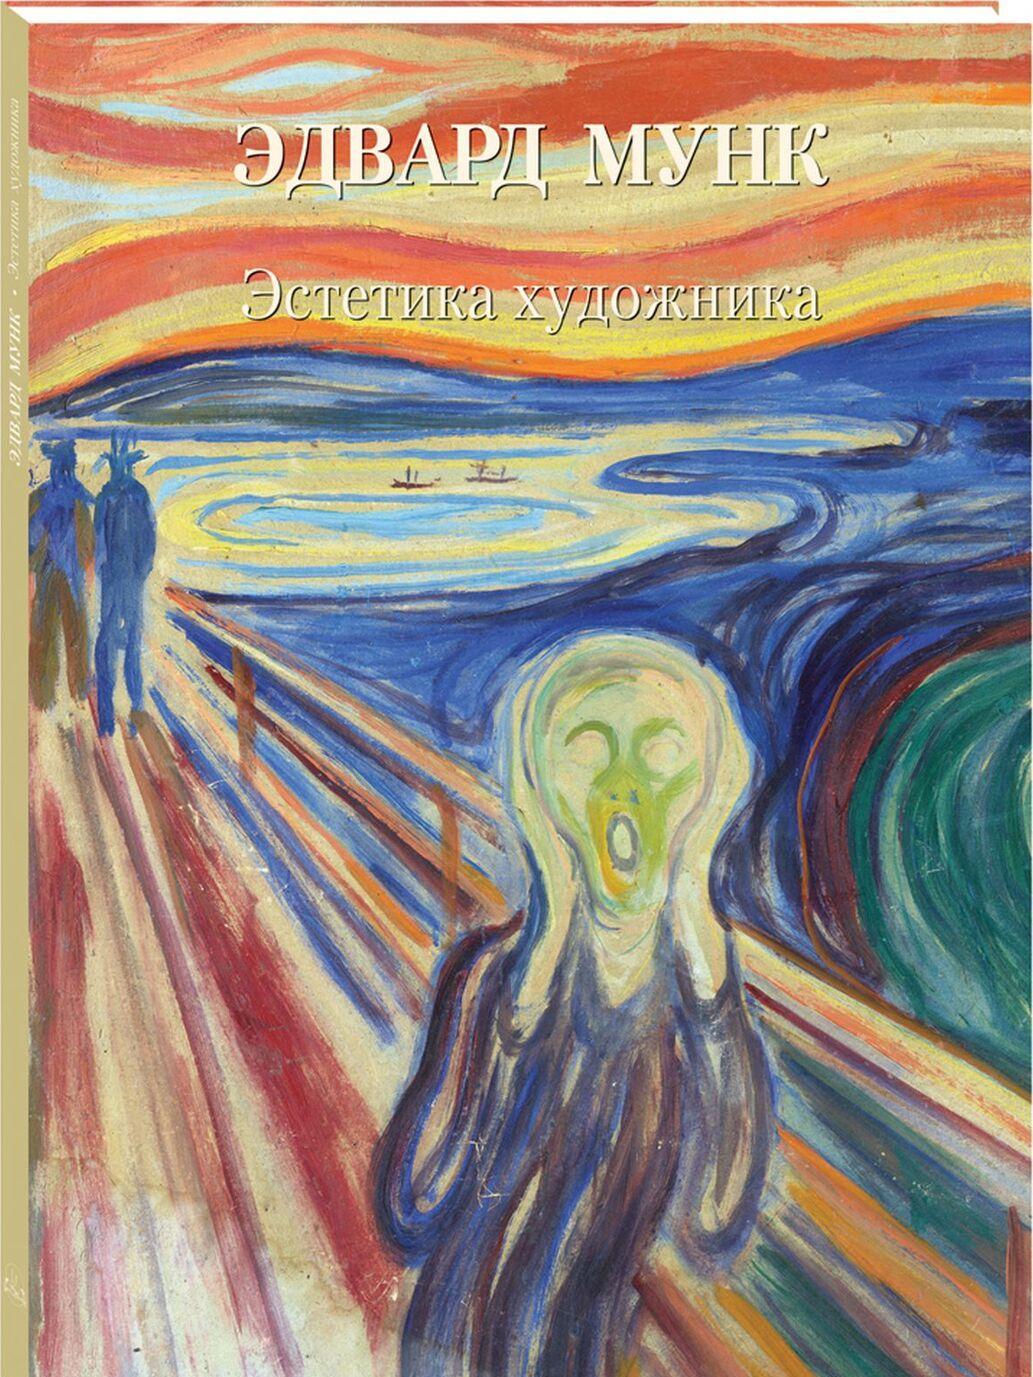 Edvard Munk. Estetika khudozhnika